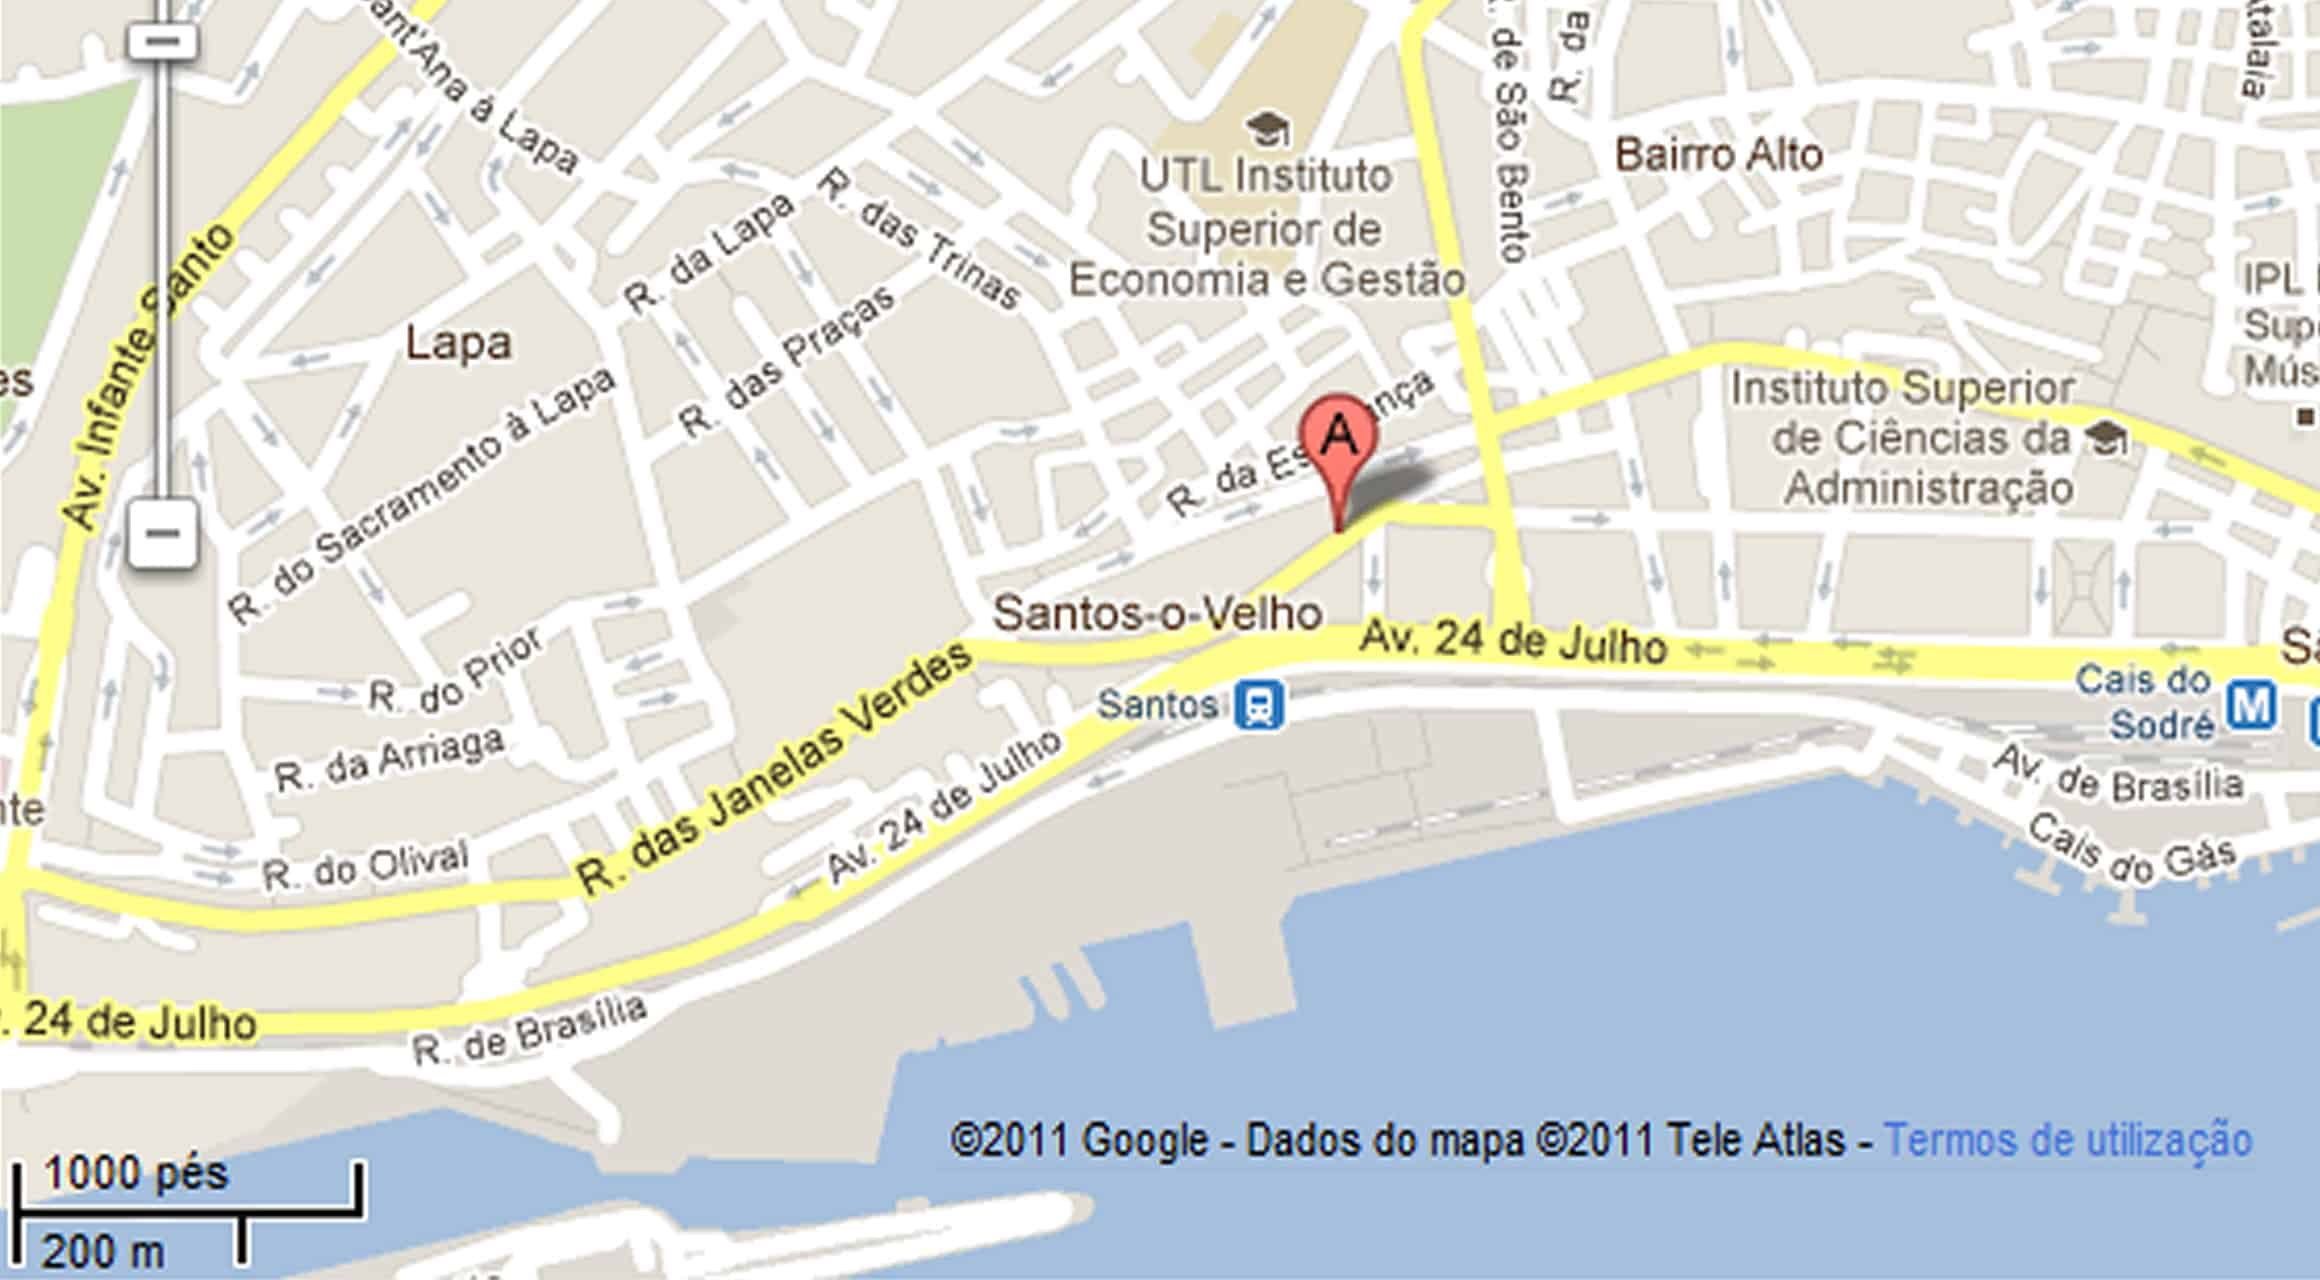 lisboa mapa google Google Maps modo offline lisboa mapa google